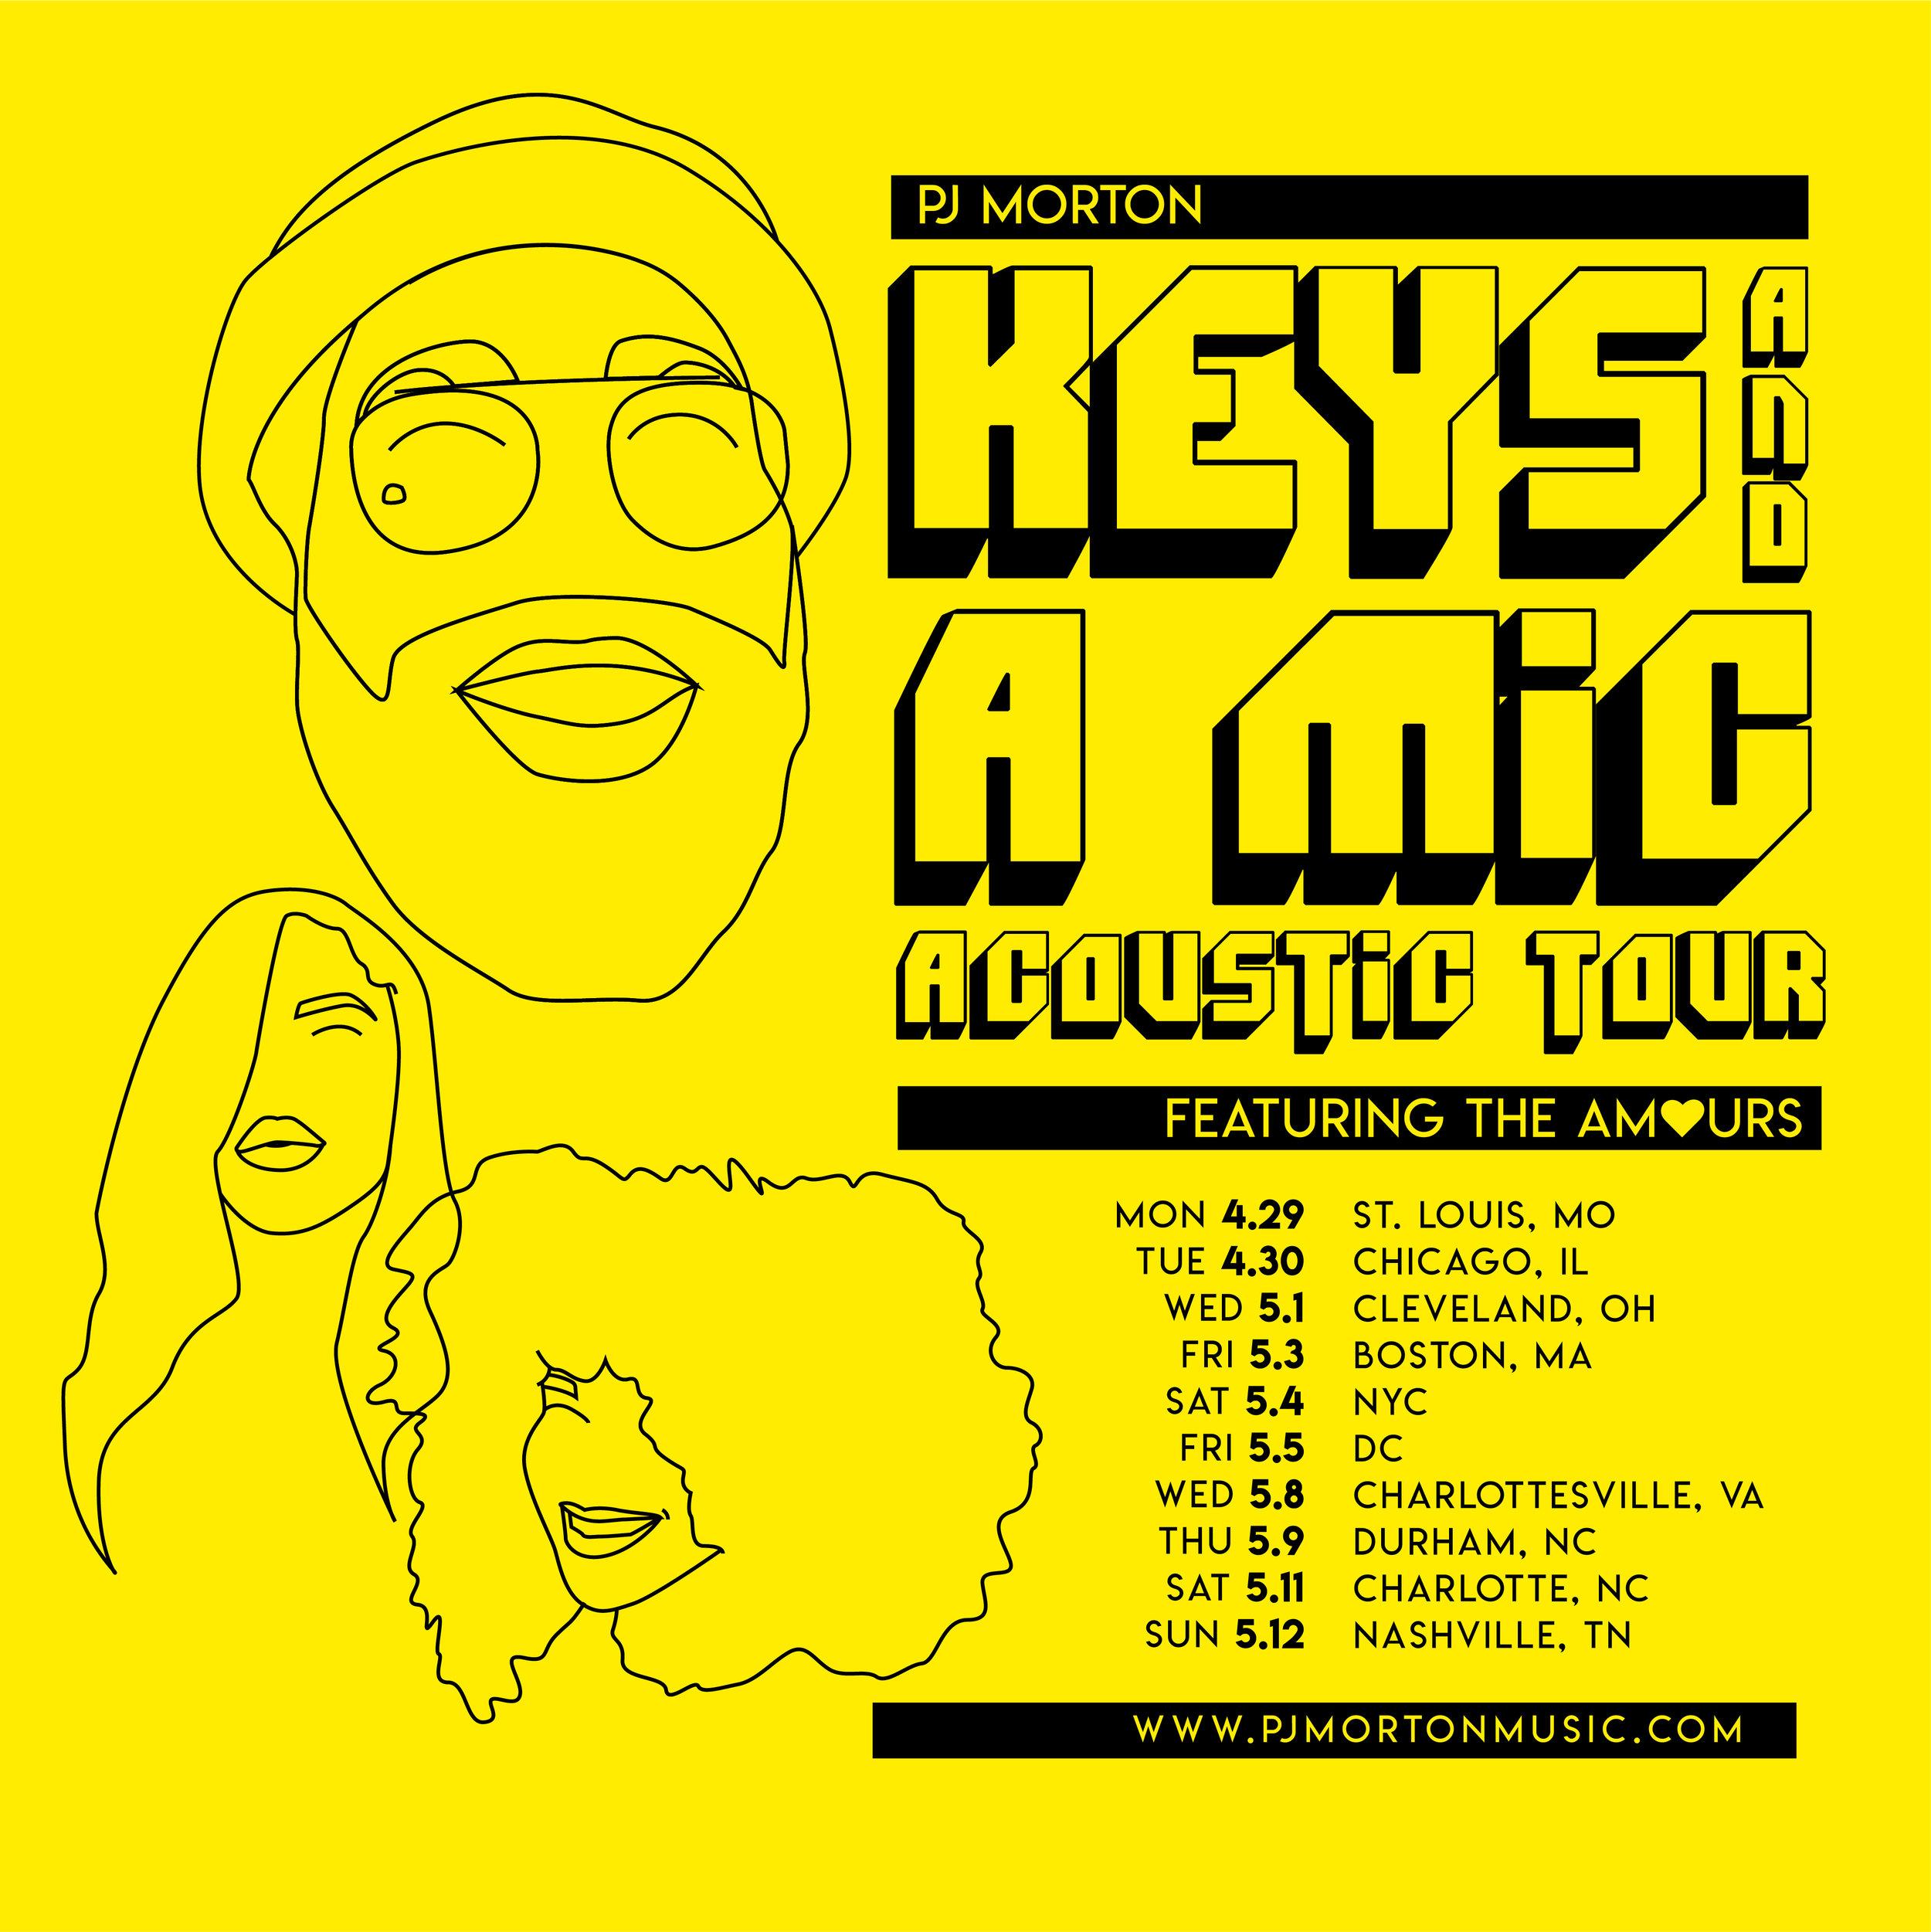 sq_acoustictour copy.jpg